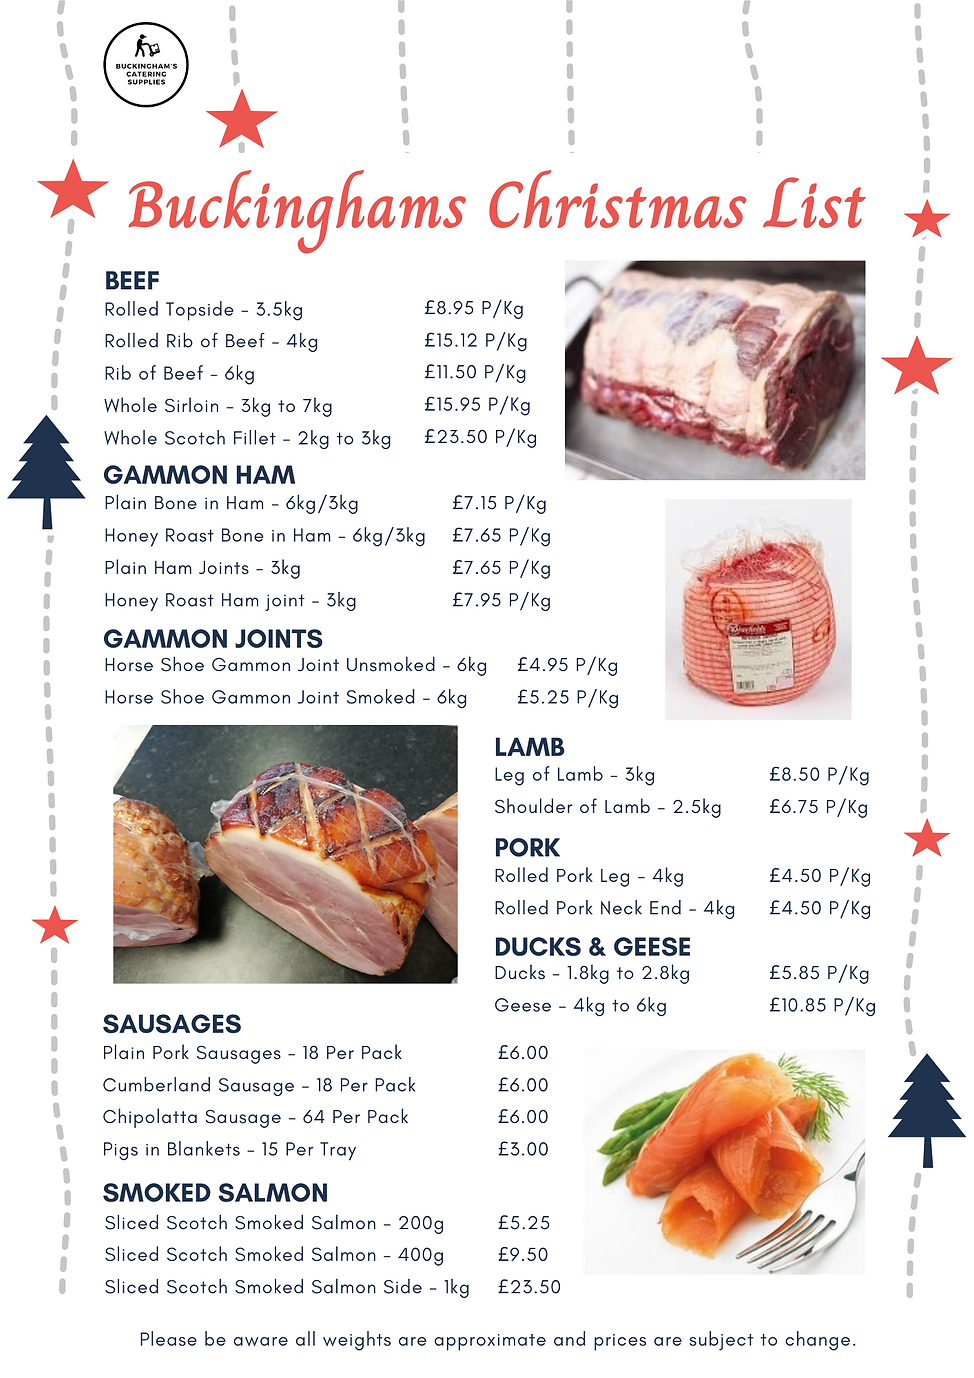 Buckinghams Christmas List 2020.png